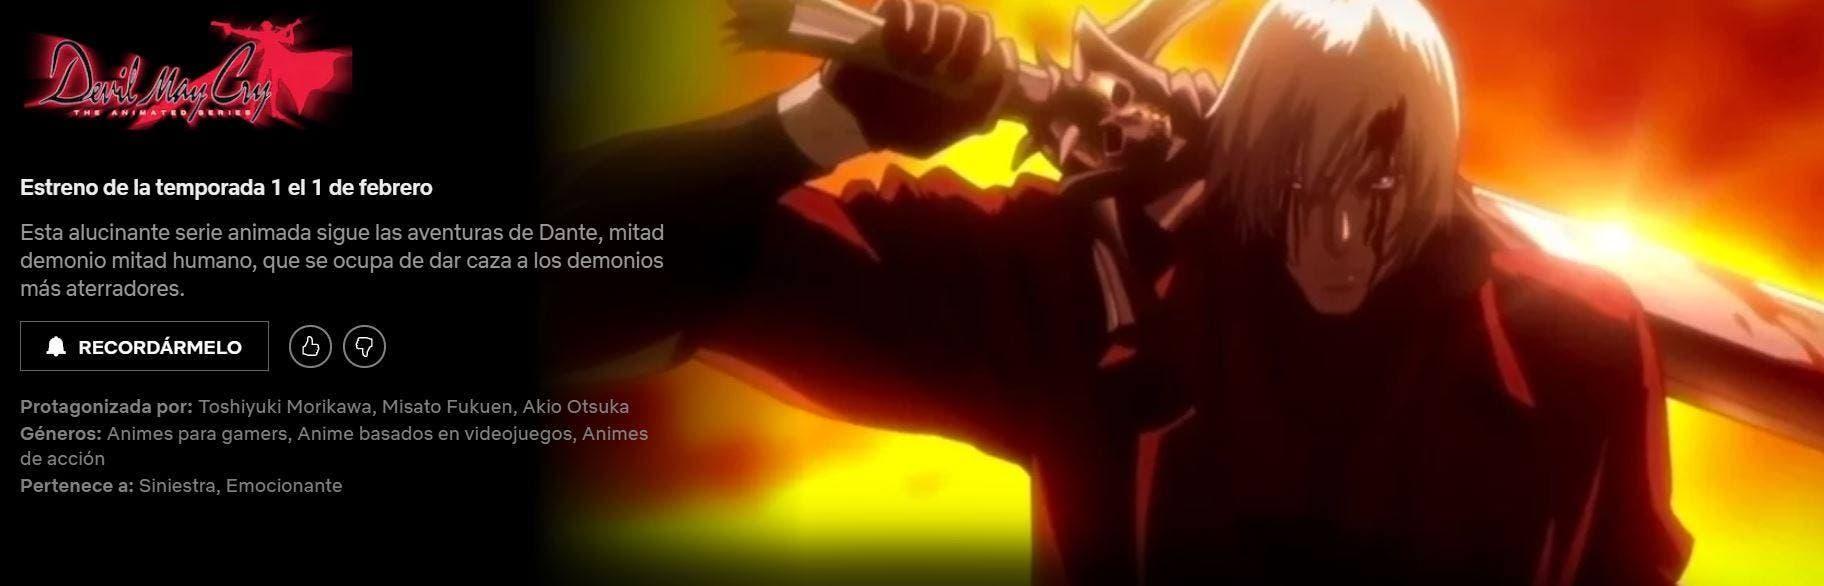 El anime de Devil May Cry llegará a Netflix España 2